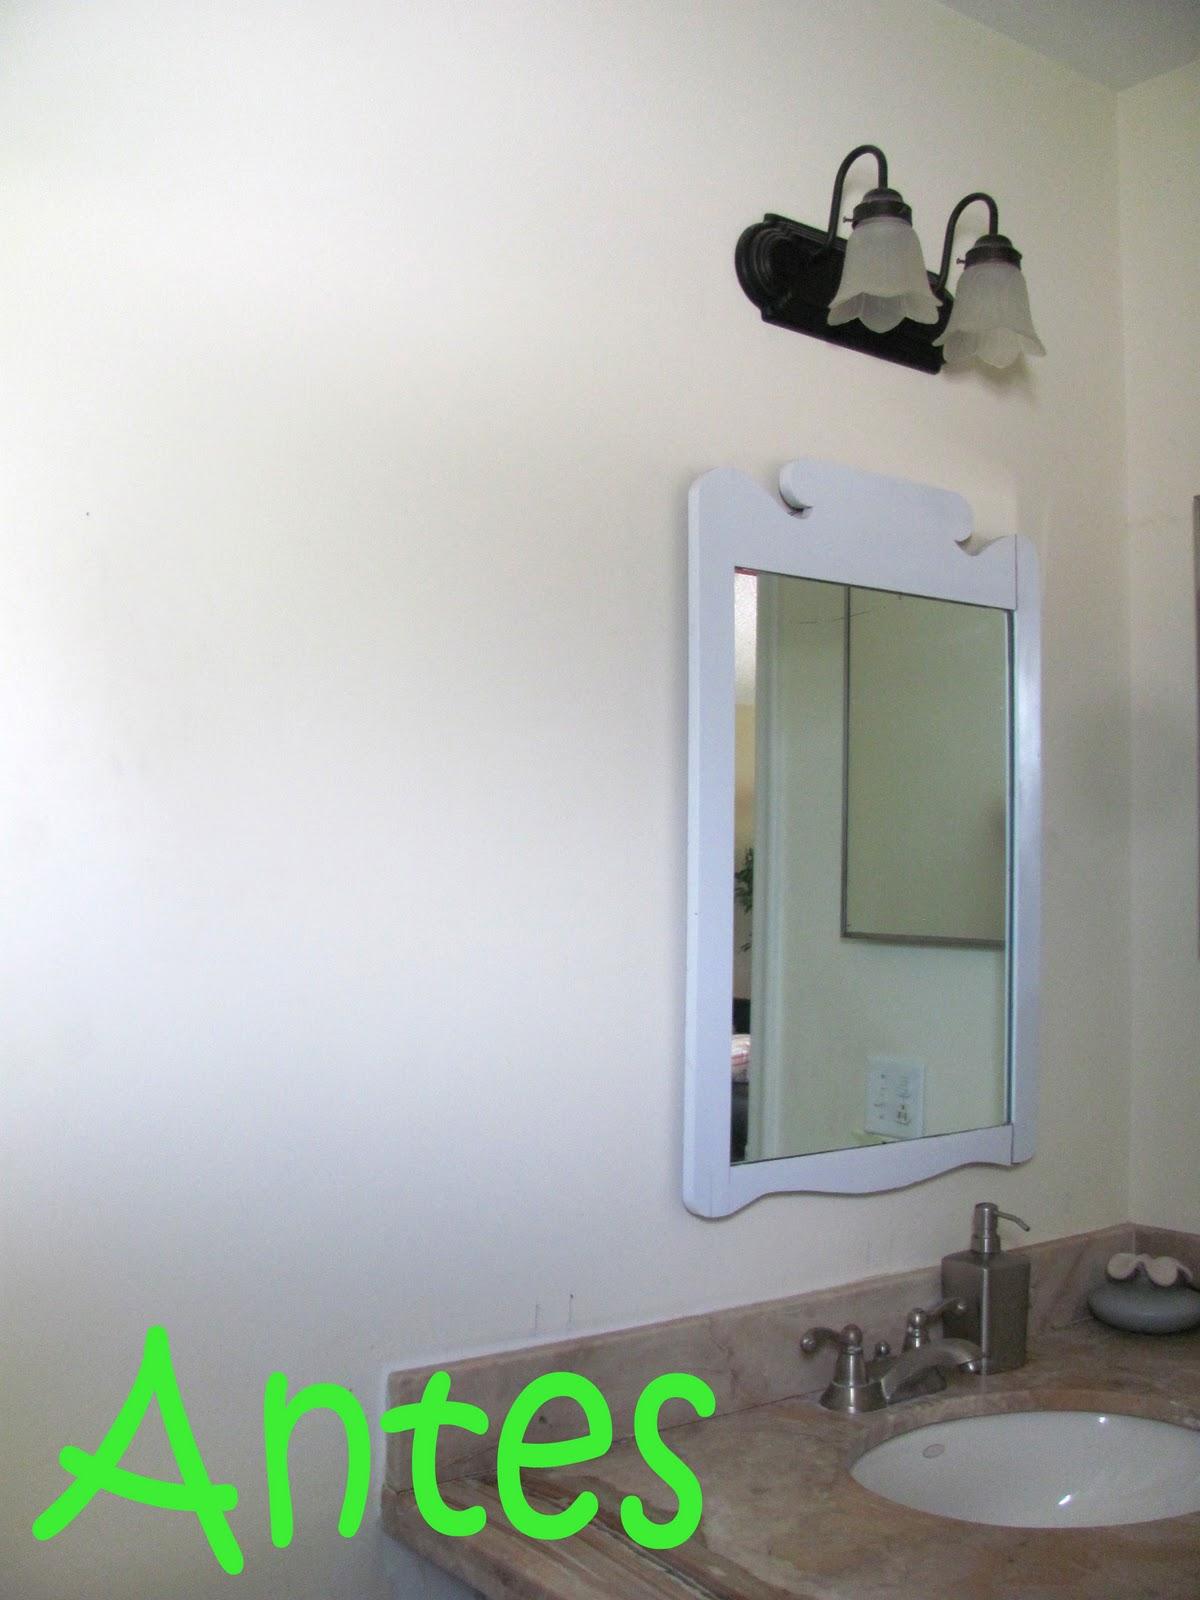 Casa Montada: Antes e Depois do Banheiro Fotos #1AB912 1200x1600 Banheiro Amarelo Decorado